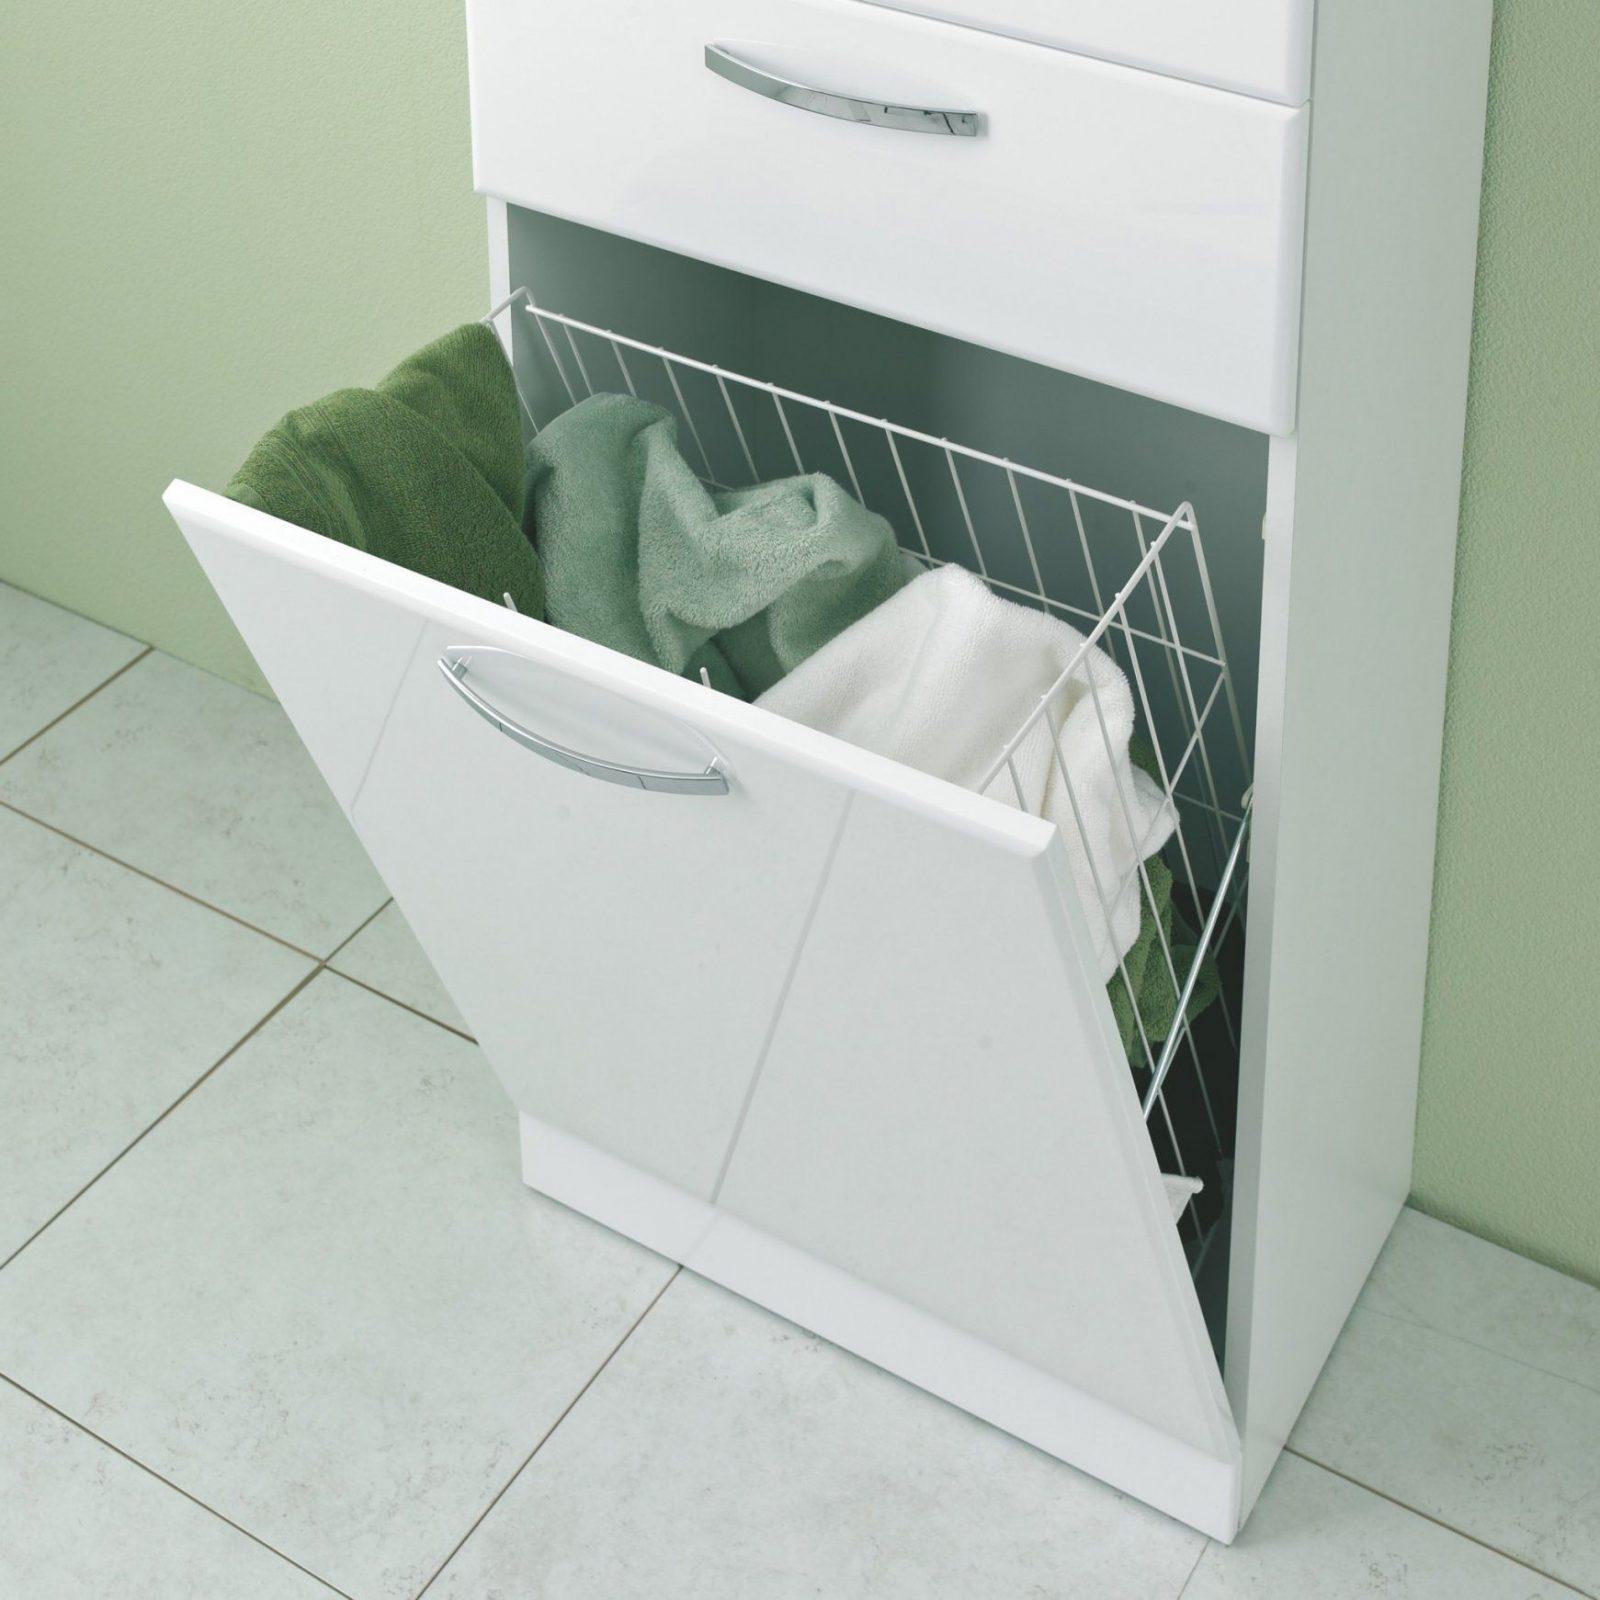 Badezimmerschrank Mit Integriertem Wäschekorb  Icnib von Badschrank Mit Integriertem Wäschekorb Photo